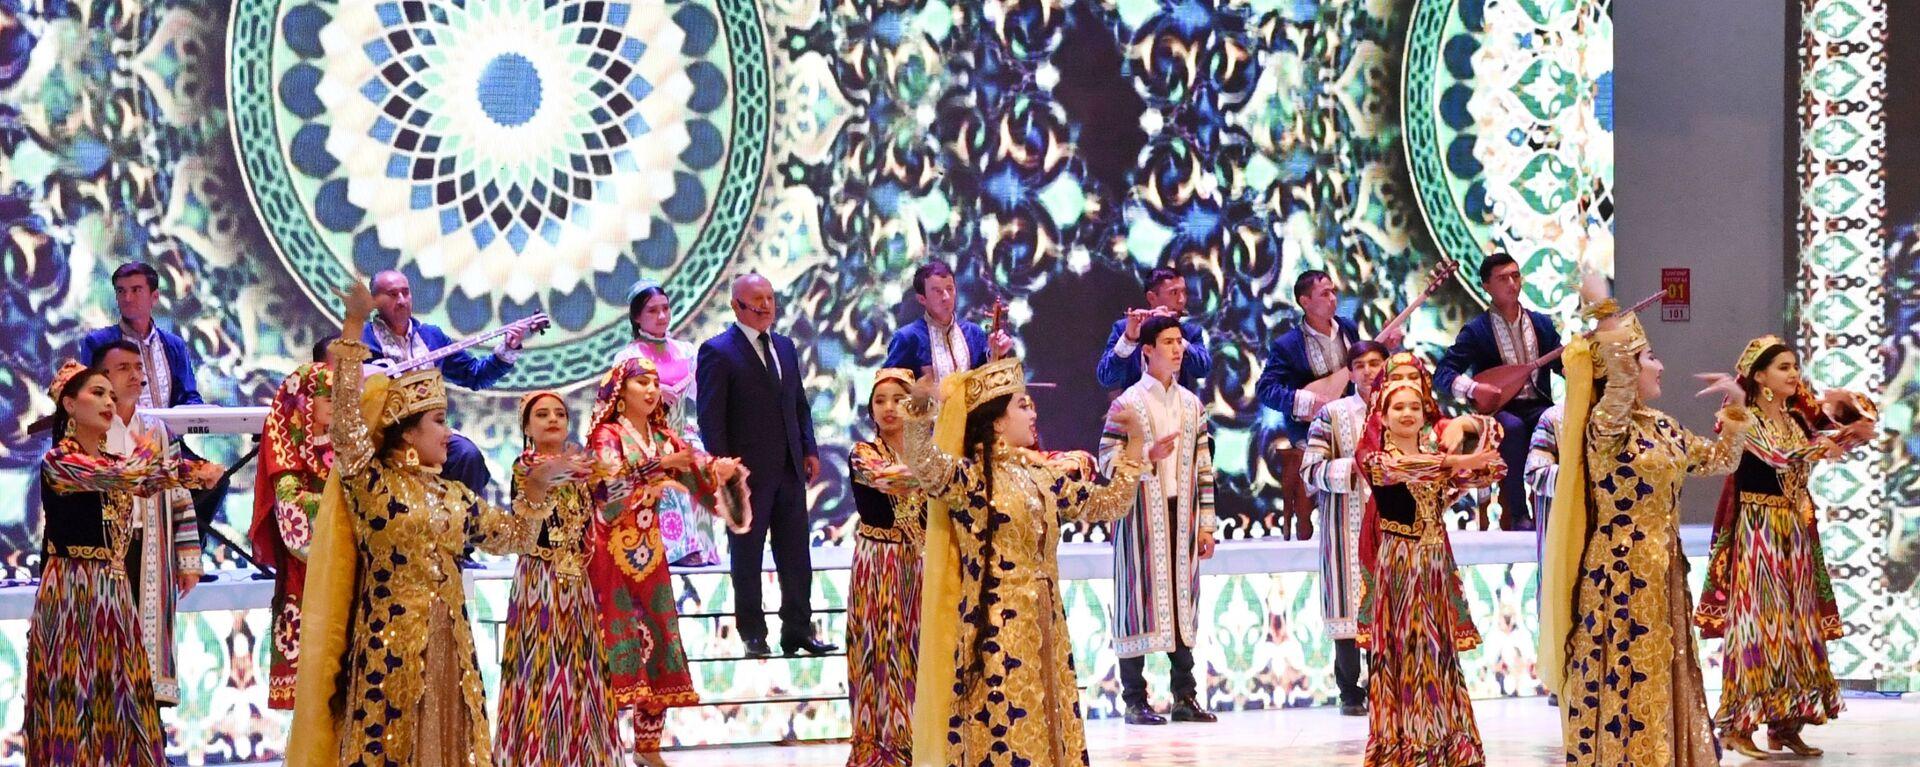 Дворец культуры в Таджикистане  - Sputnik Тоҷикистон, 1920, 02.09.2021